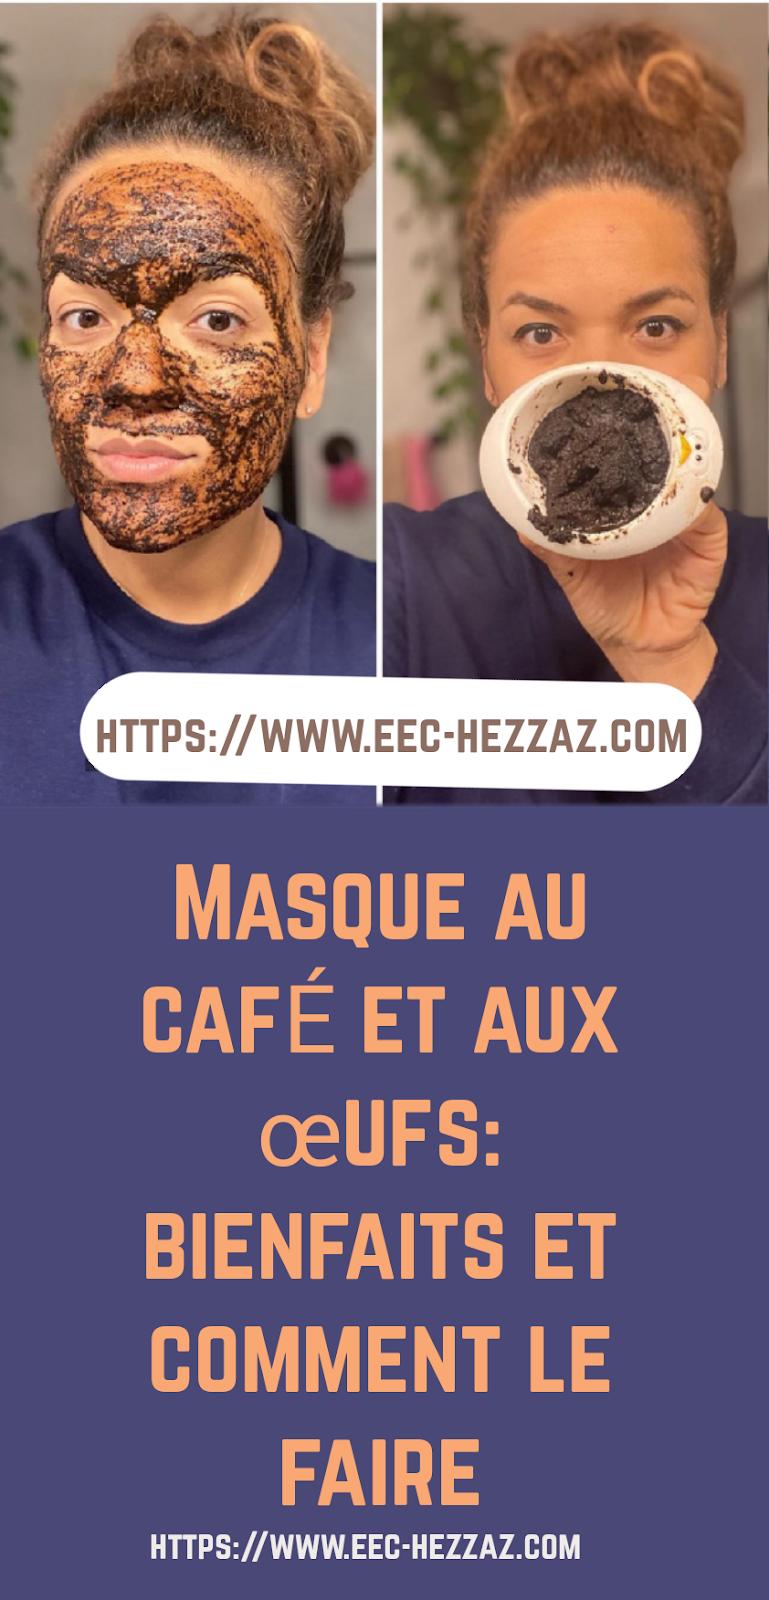 Masque au café et aux œufs: bienfaits et comment le faire